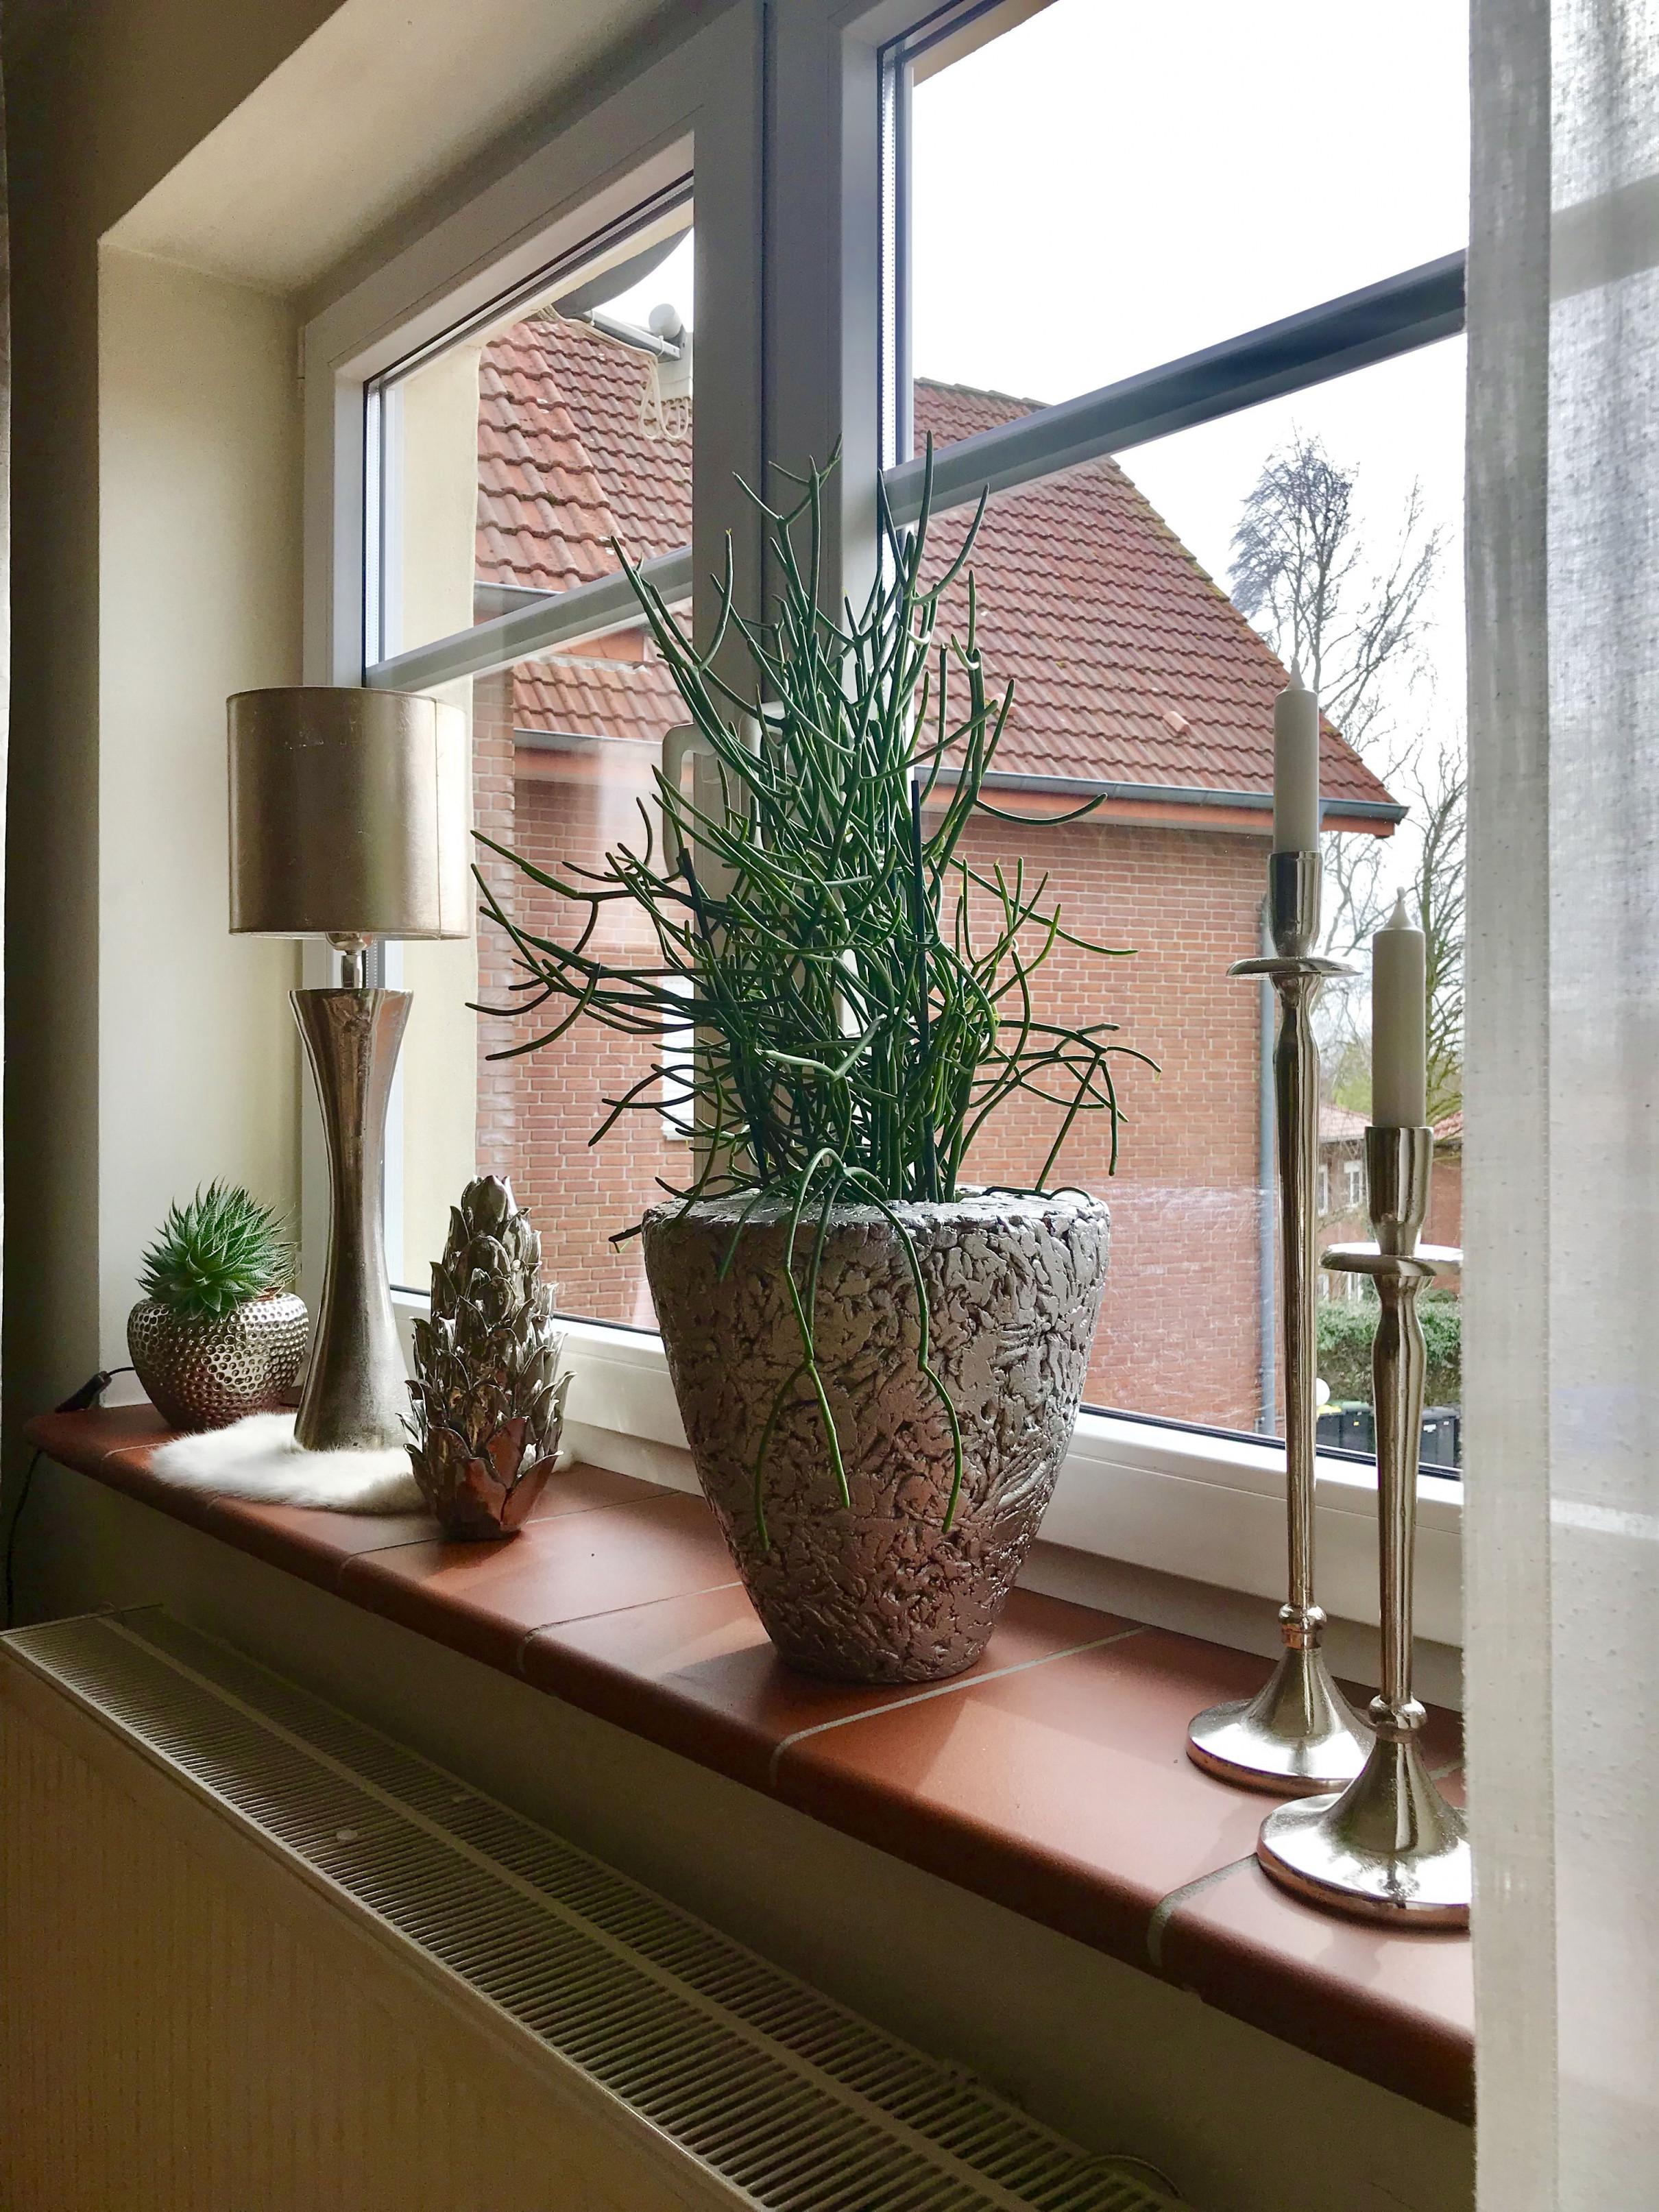 Fensterbank Schön Dekorieren  Fensterbank Dekorieren von Fensterbank Gestalten Wohnzimmer Bild